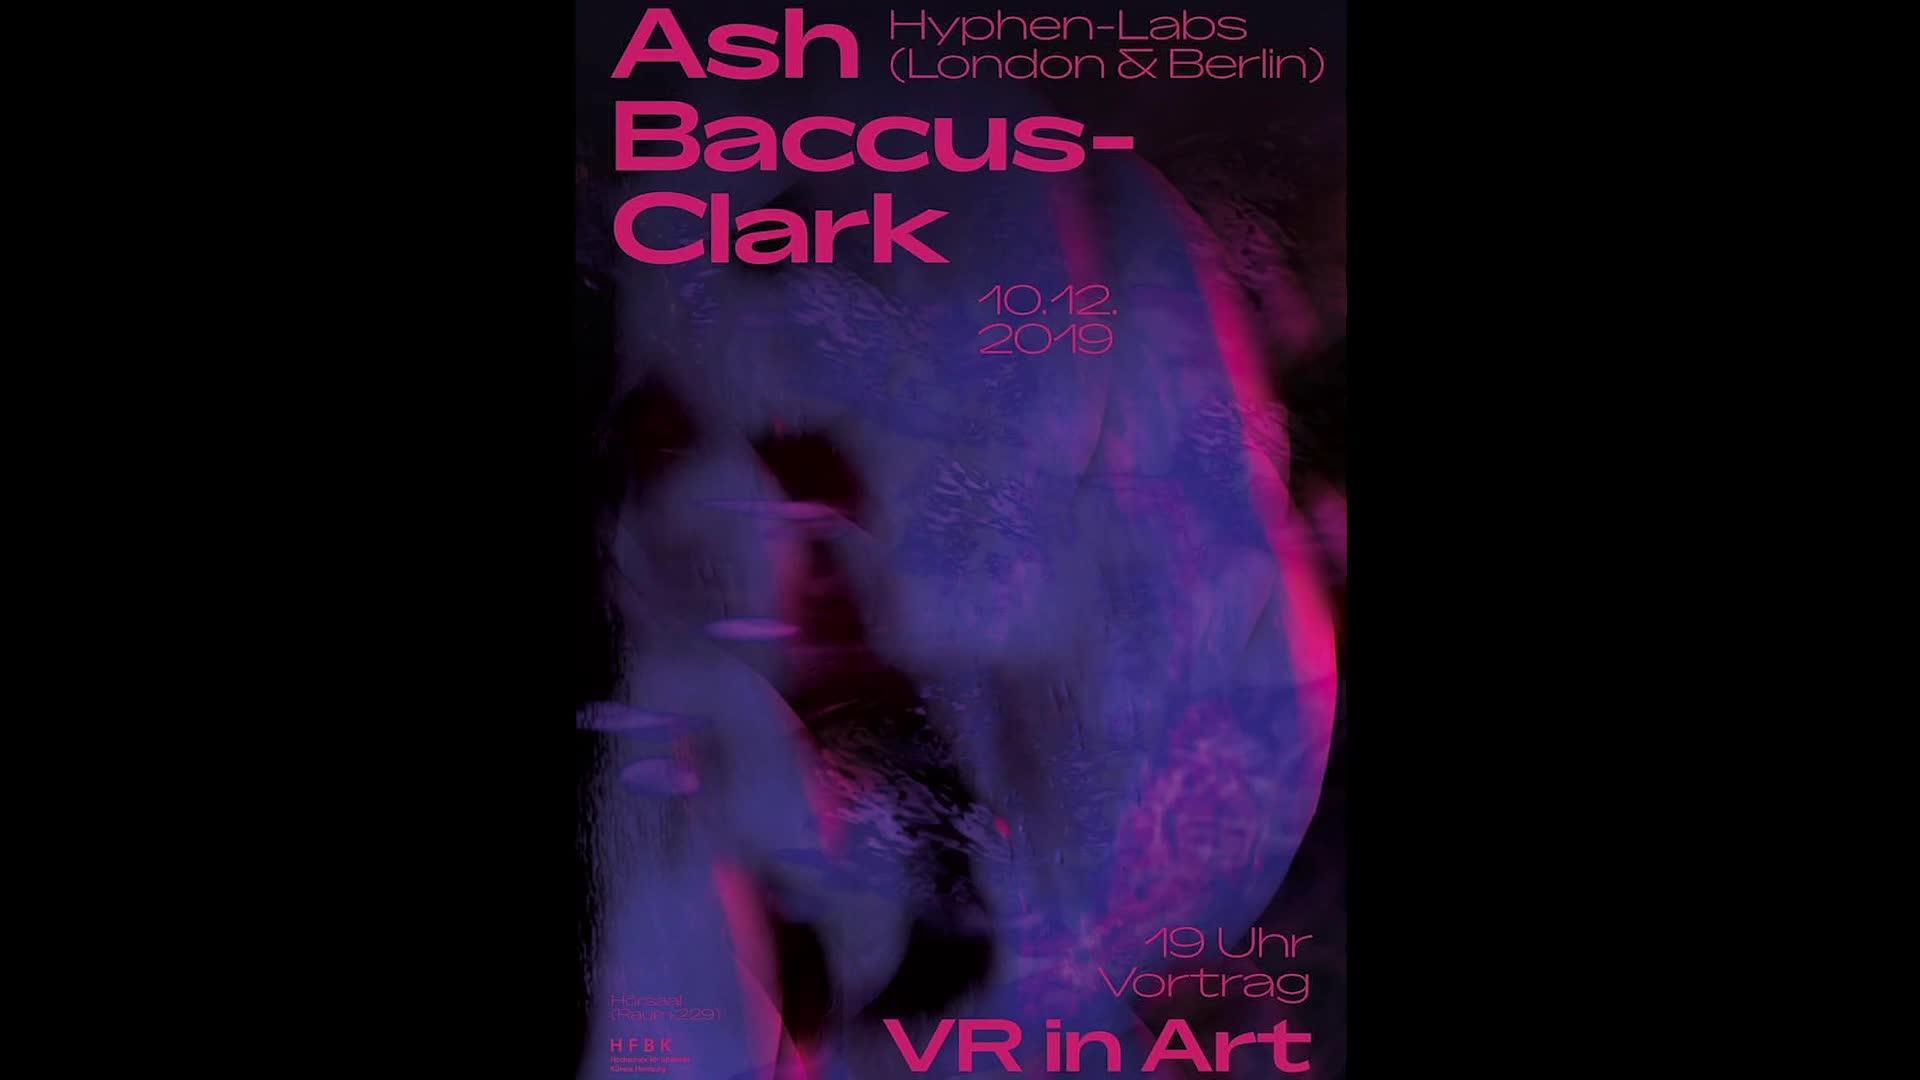 Thumbnail - VR in Art: Vortrag von Ash Baccus-Clark (19. Dezember 2019)